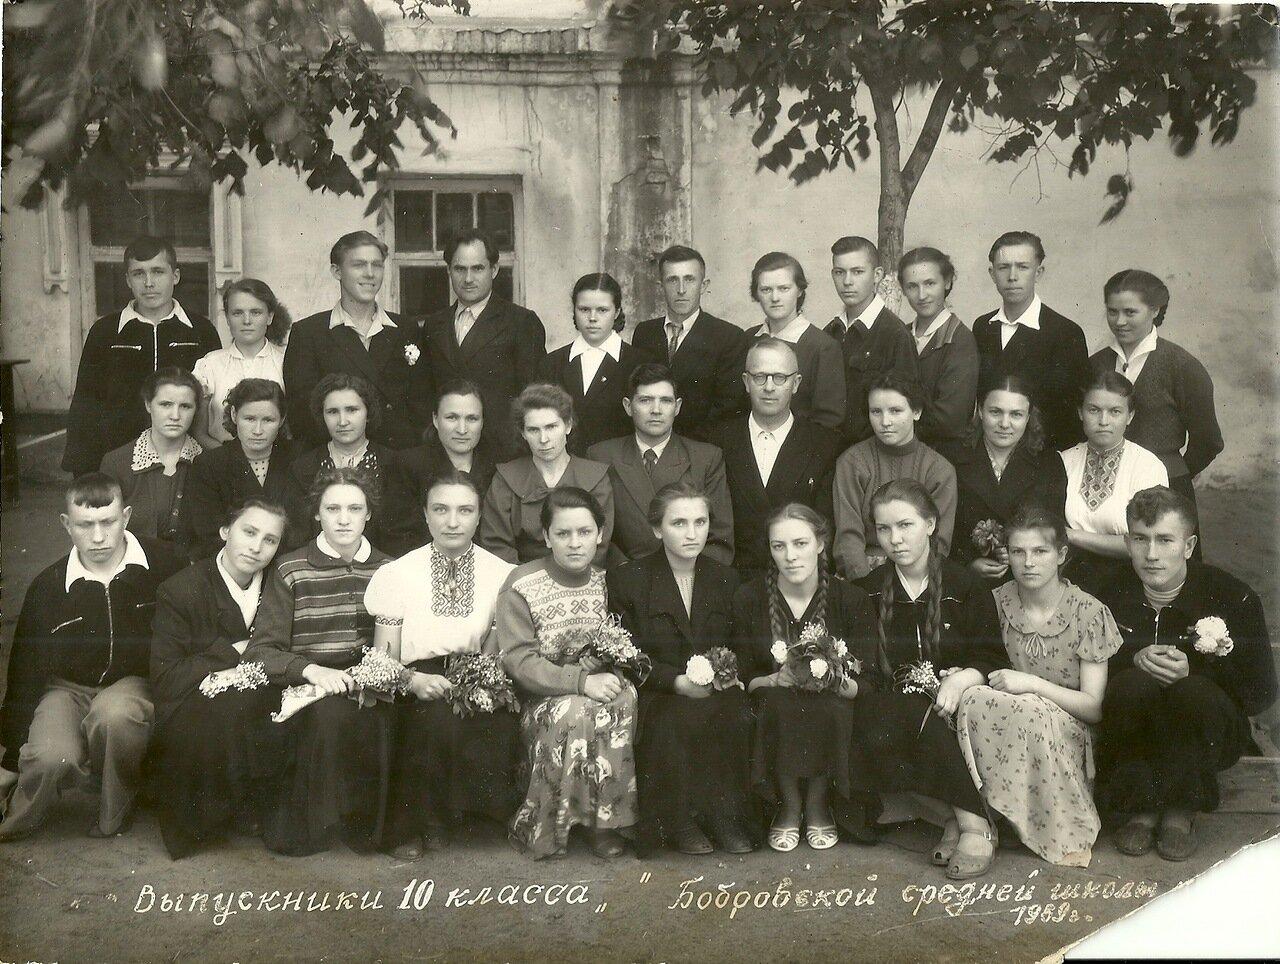 1959. Выпускники 10 класса Бобровской средней школы № 1,